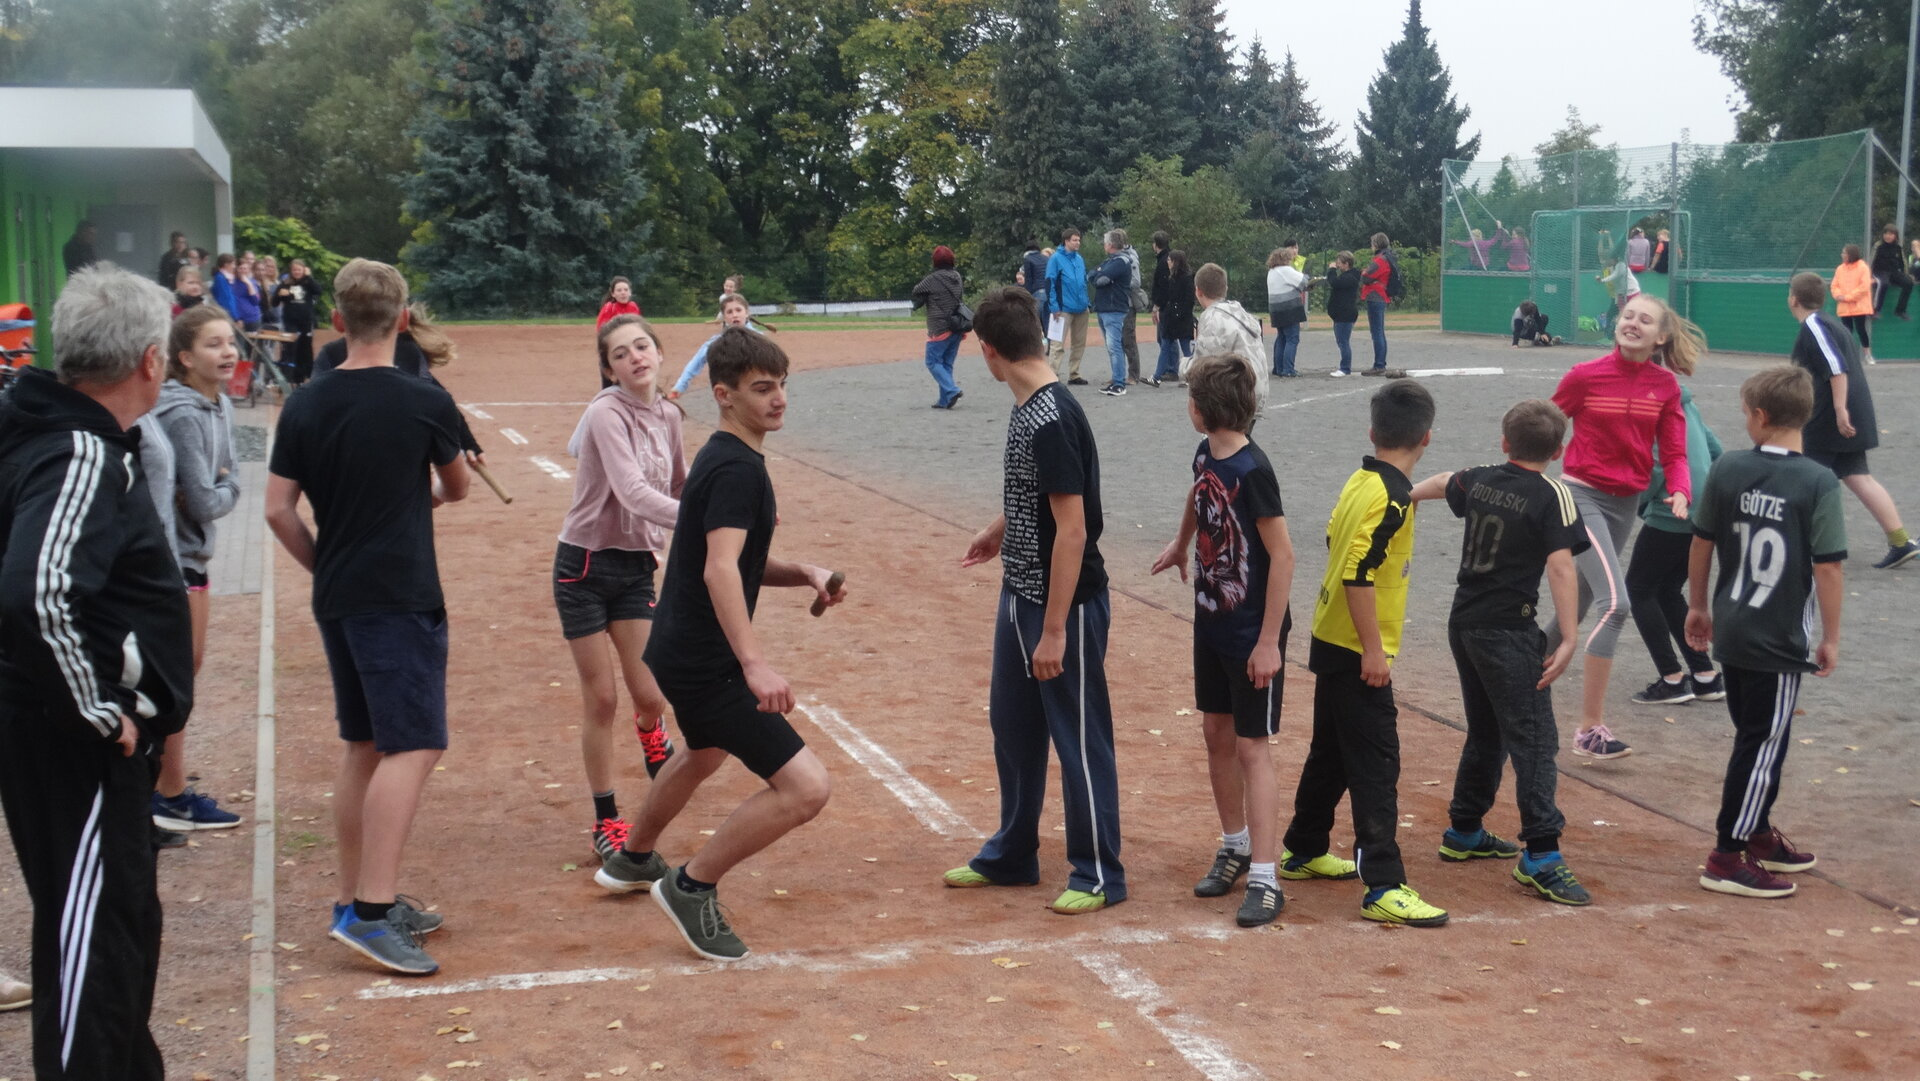 Staffellauf-Wettkampf beim Sportfest